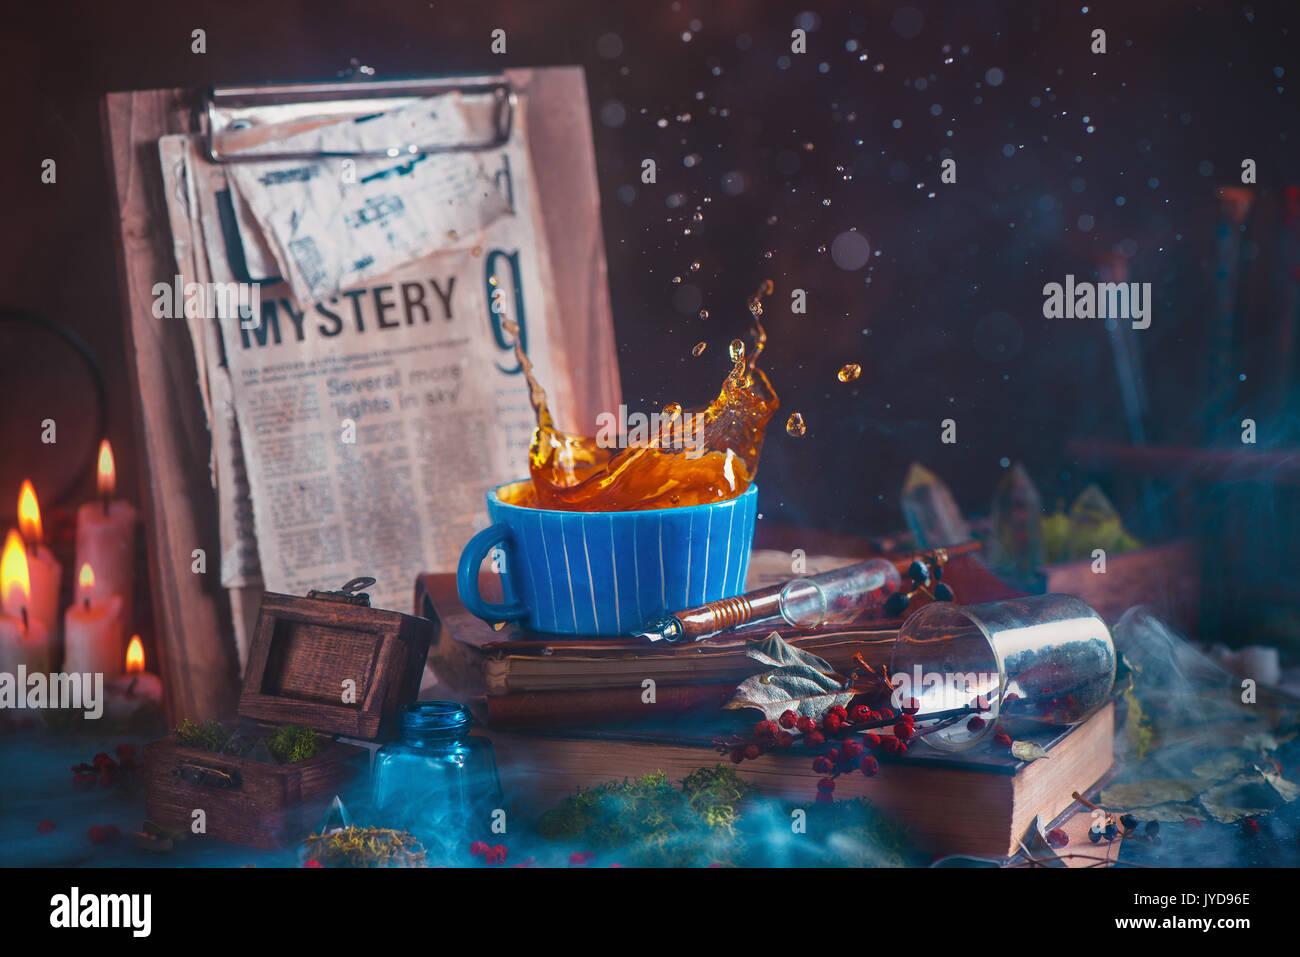 Plateau splash dans une tasse en céramique sur un fond de bois avec des bougies, du mystère, des livres, des clips journal feuilles et gouttes d'eau. moss. bokeh stil magique sombre Photo Stock